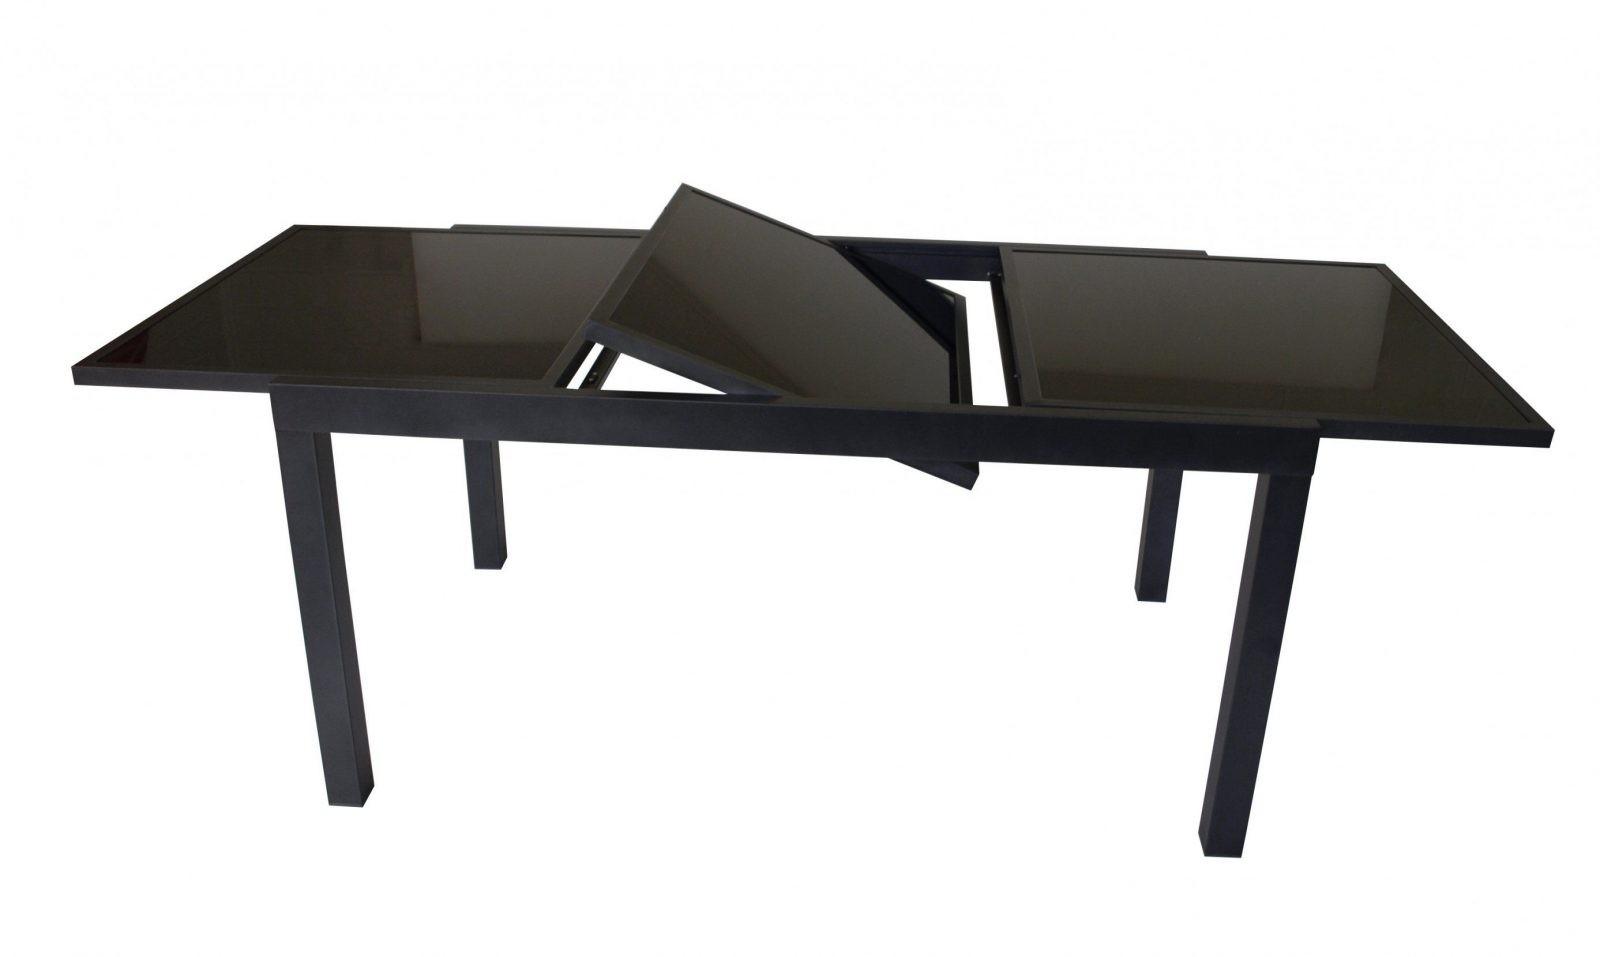 gartentisch ausziehbar alu von gartentisch oval ausziehbar alu bild haus design ideen. Black Bedroom Furniture Sets. Home Design Ideas